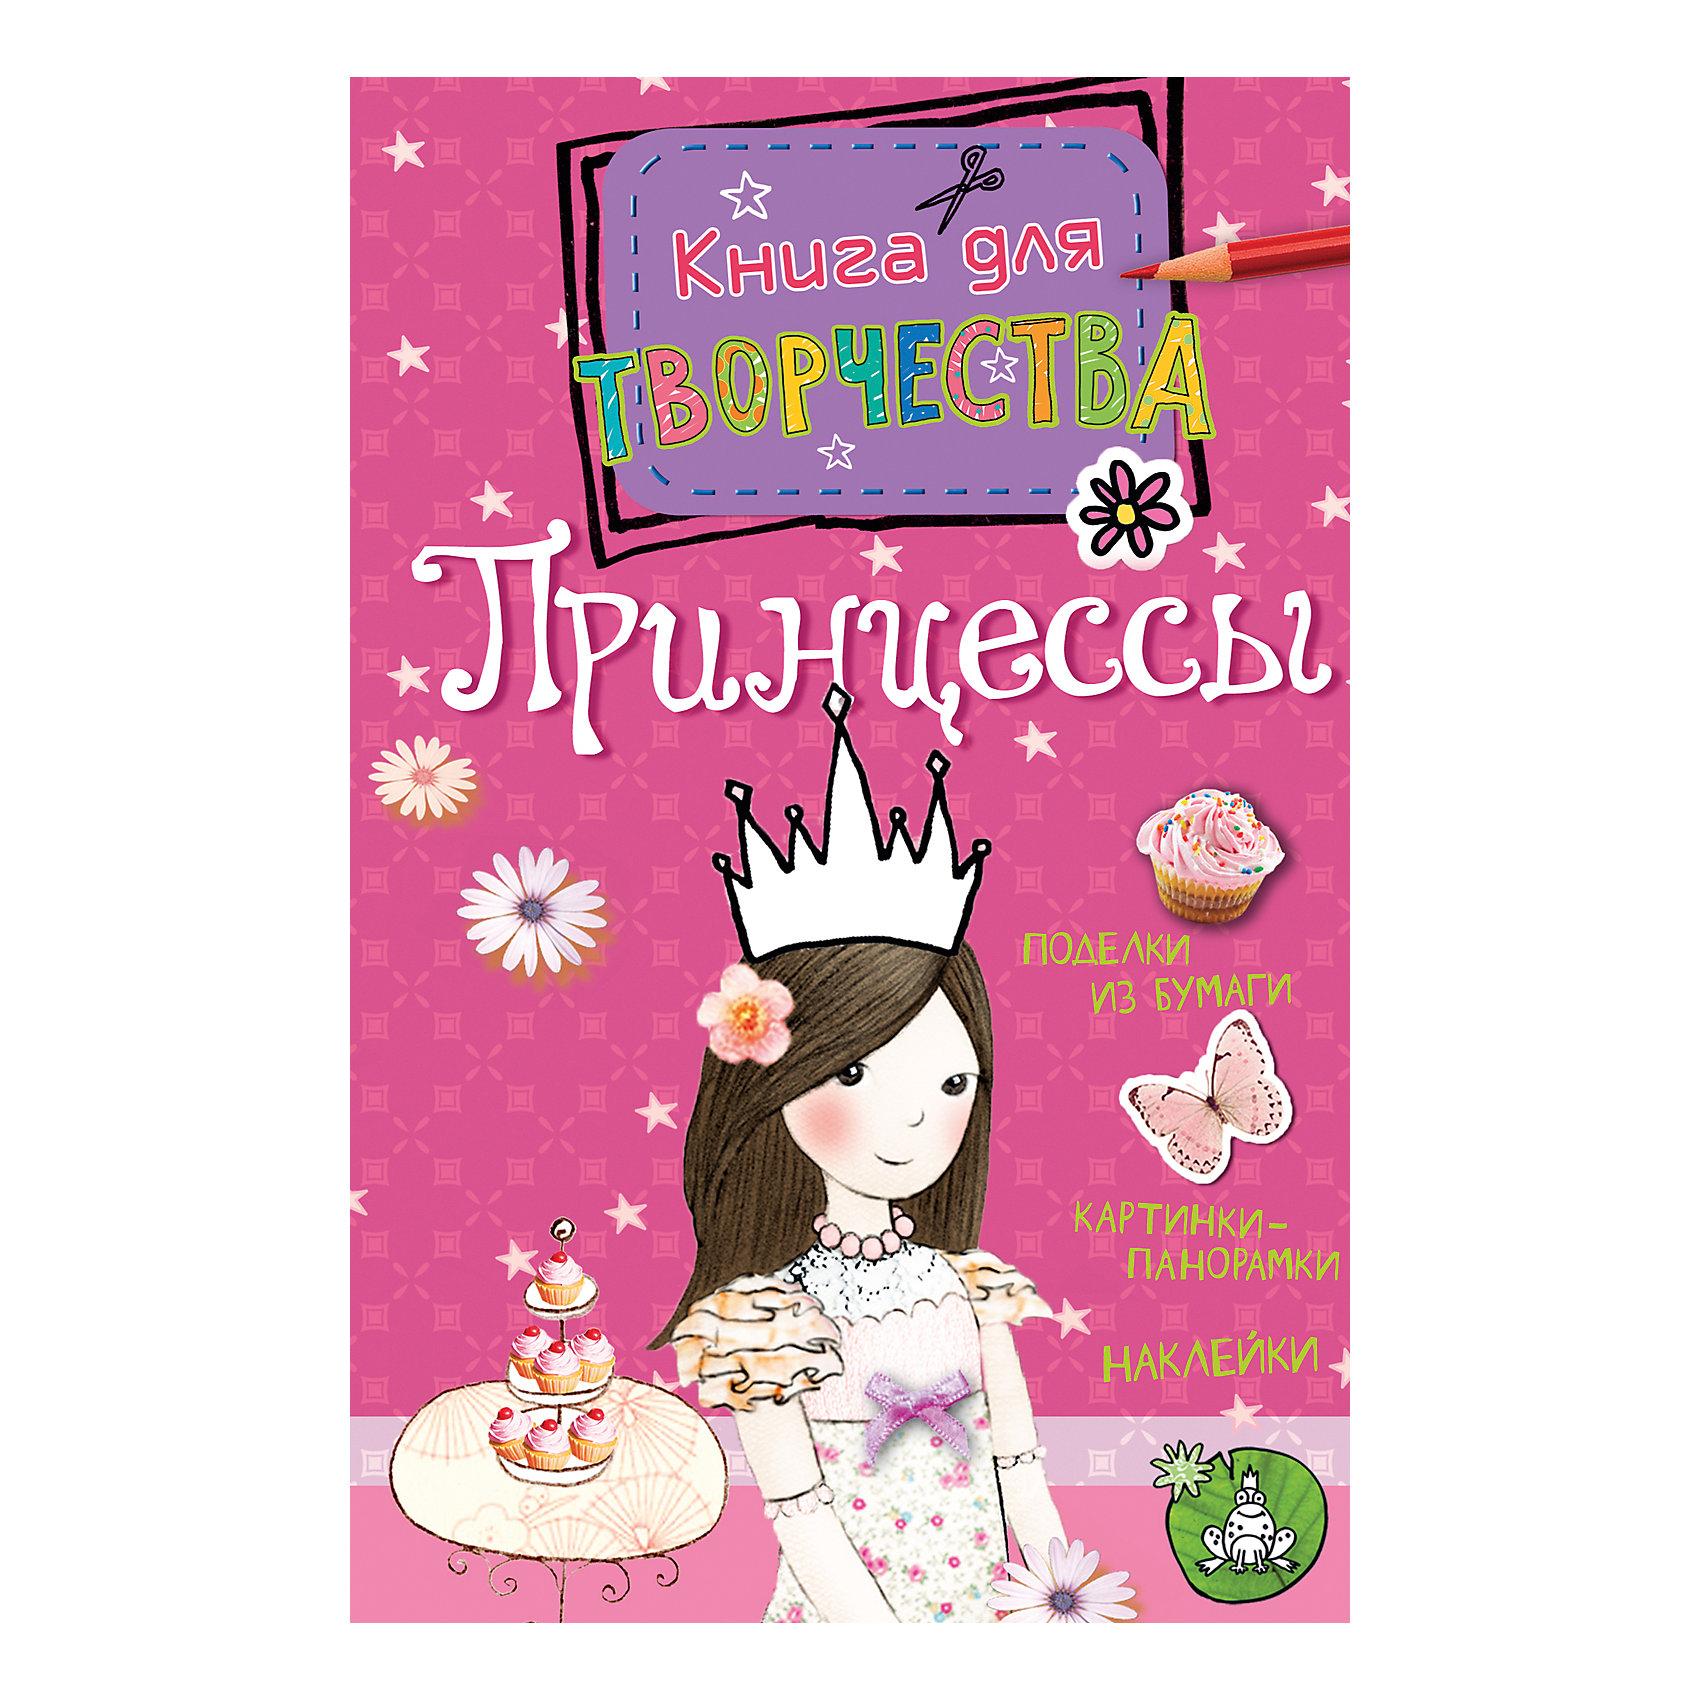 Книга для творчества с наклейками и заданиями ПринцессыПринцессы, Махаон - замечательная книга для детского творчества, которая станет отличным подарком маленькой принцессе. В ней она найдет всё, что нужно для творческого развития: раскраски, игры, головоломки, наклейки и многое другое. Разнообразные и увлекательные задания из этой красочной книги отлично развивают мышление, воображение и мелкую моторику, учат самостоятельной работе.<br><br>Дополнительная информация:<br><br>- Автор: Пиннингтон Андреа.<br>- Серия: Книга для творчества.<br>- Переплет: мягкая обложка.<br>- Иллюстрации: цветные.<br>- Объем: 96 стр.<br>- Размер: 21 x 13,6 см.<br>- Вес: 180 гр.<br><br>Книгу  для творчества А. Пиннингтон Принцессы, Махаон можно купить в нашем интернет-магазине.<br><br>Ширина мм: 210<br>Глубина мм: 136<br>Высота мм: 8<br>Вес г: 118<br>Возраст от месяцев: 84<br>Возраст до месяцев: 120<br>Пол: Женский<br>Возраст: Детский<br>SKU: 3922122